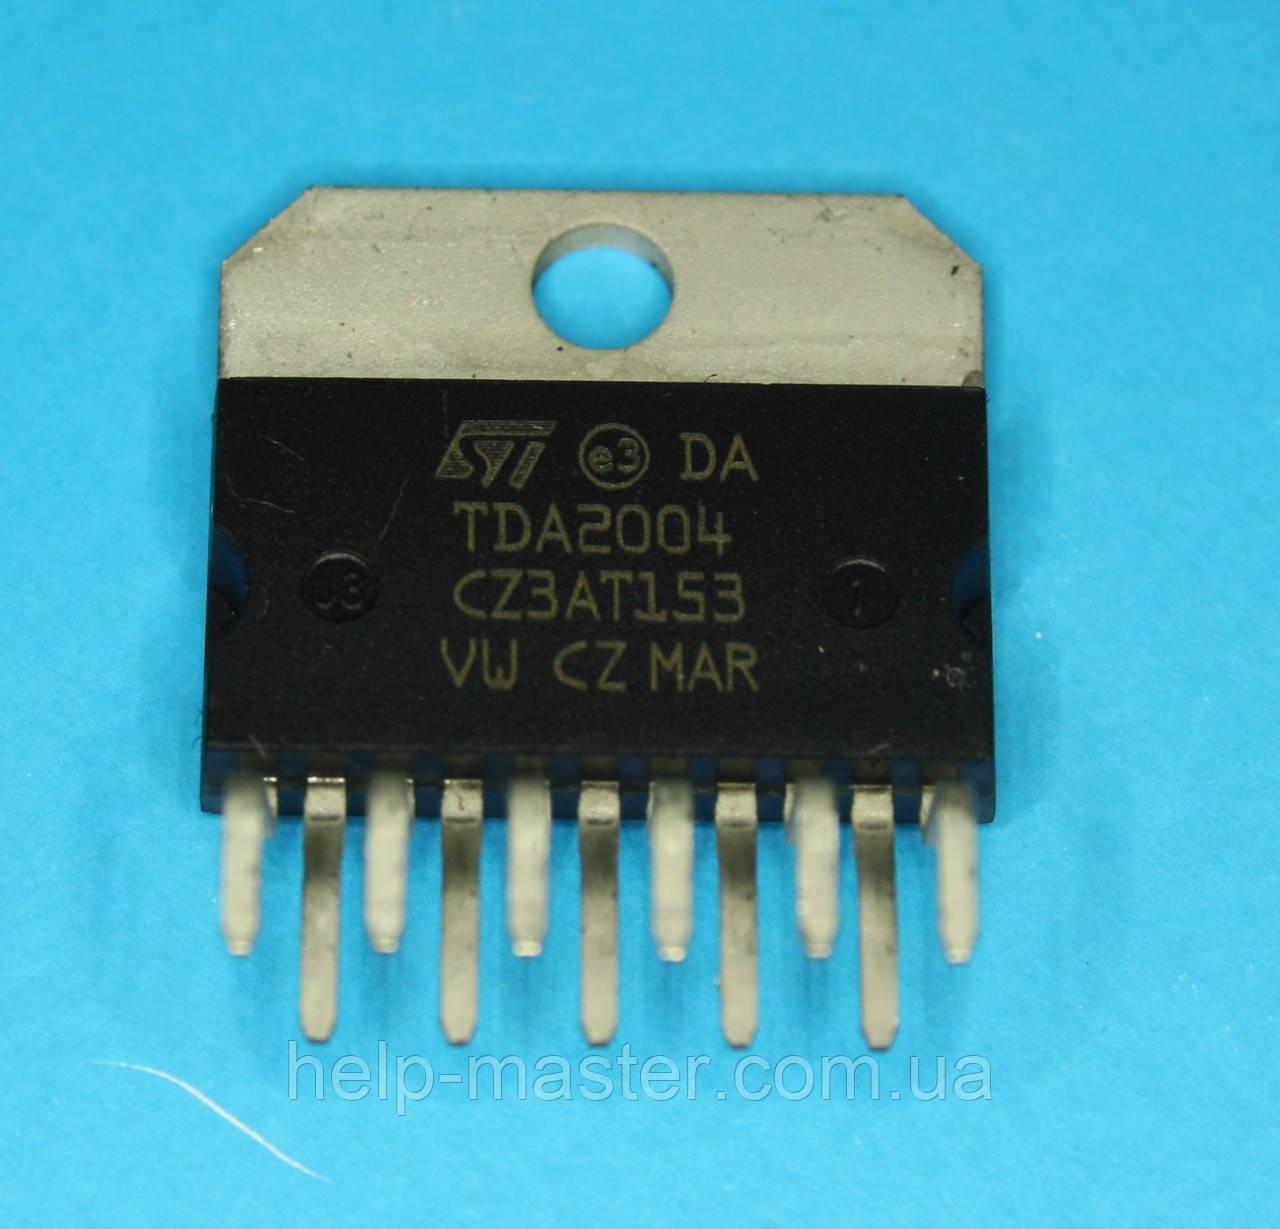 TDA 2004